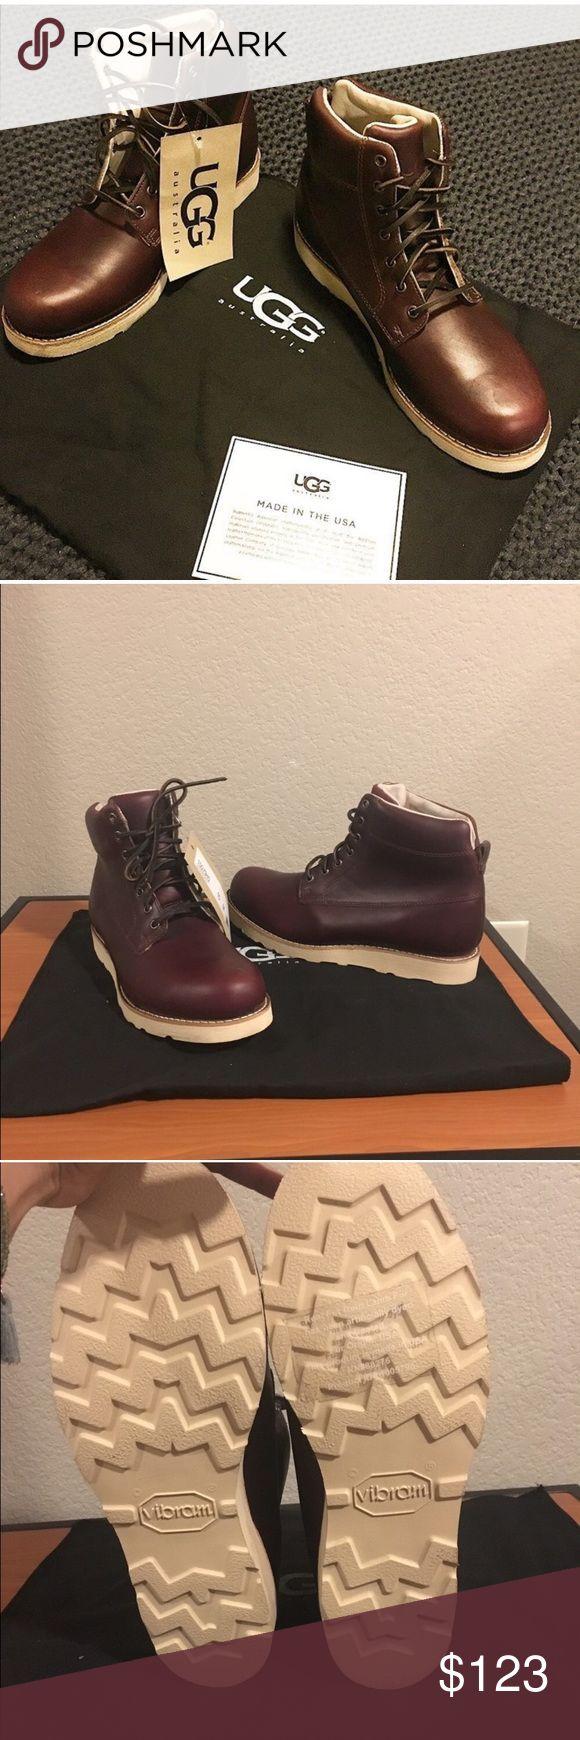 Men's Goodwin Cordova Leather Boot